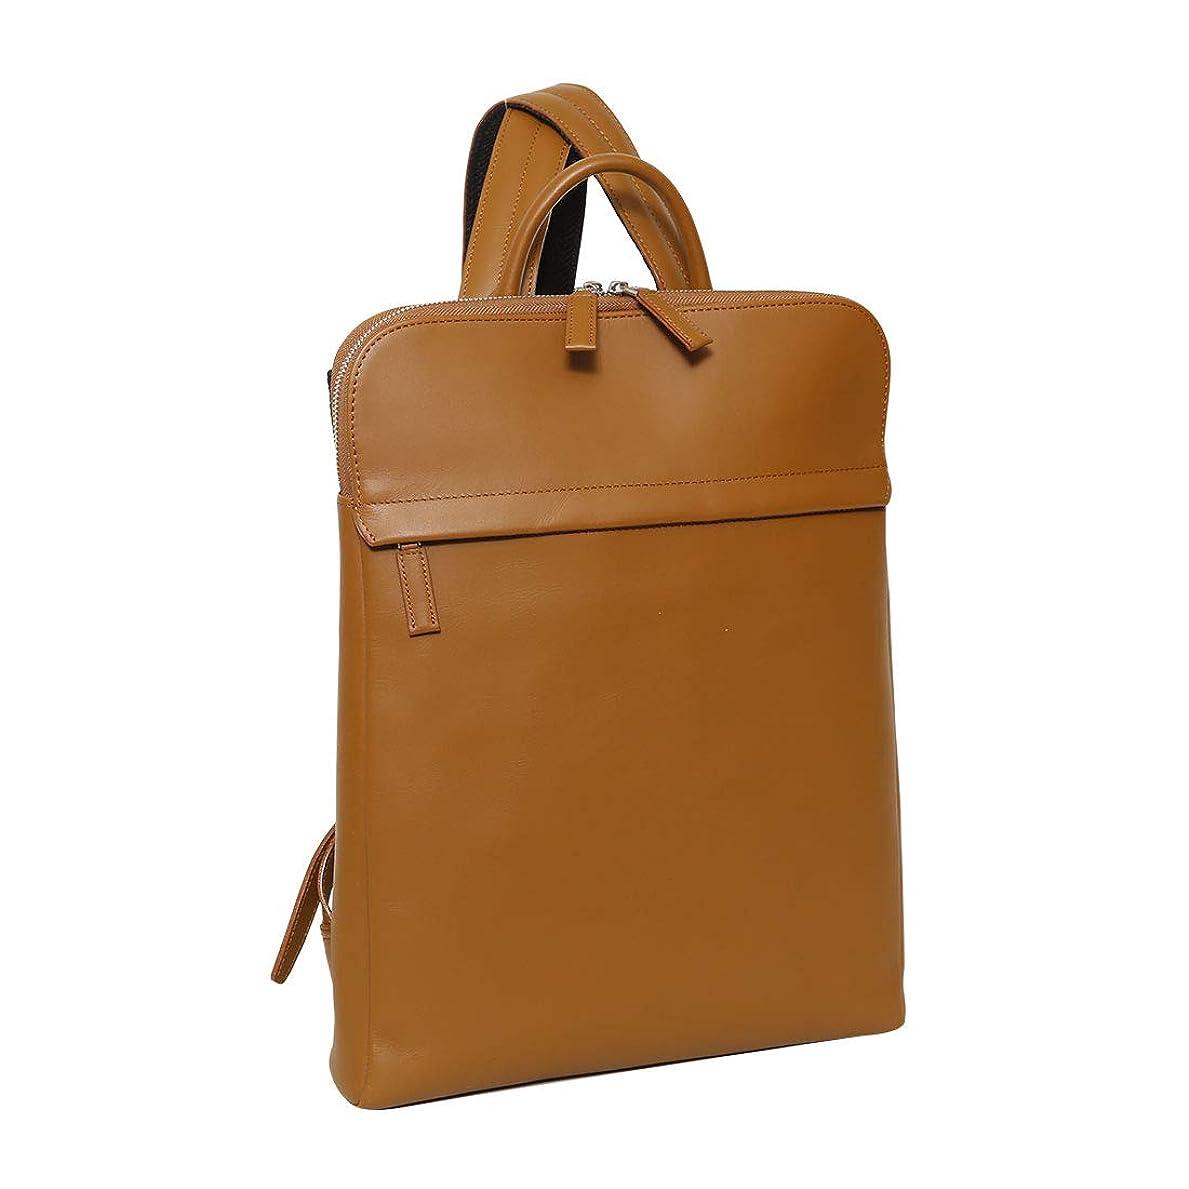 レポートを書く興奮実証する[トライオン] SA226 本革 バックパック A4 リュック メンズバッグ